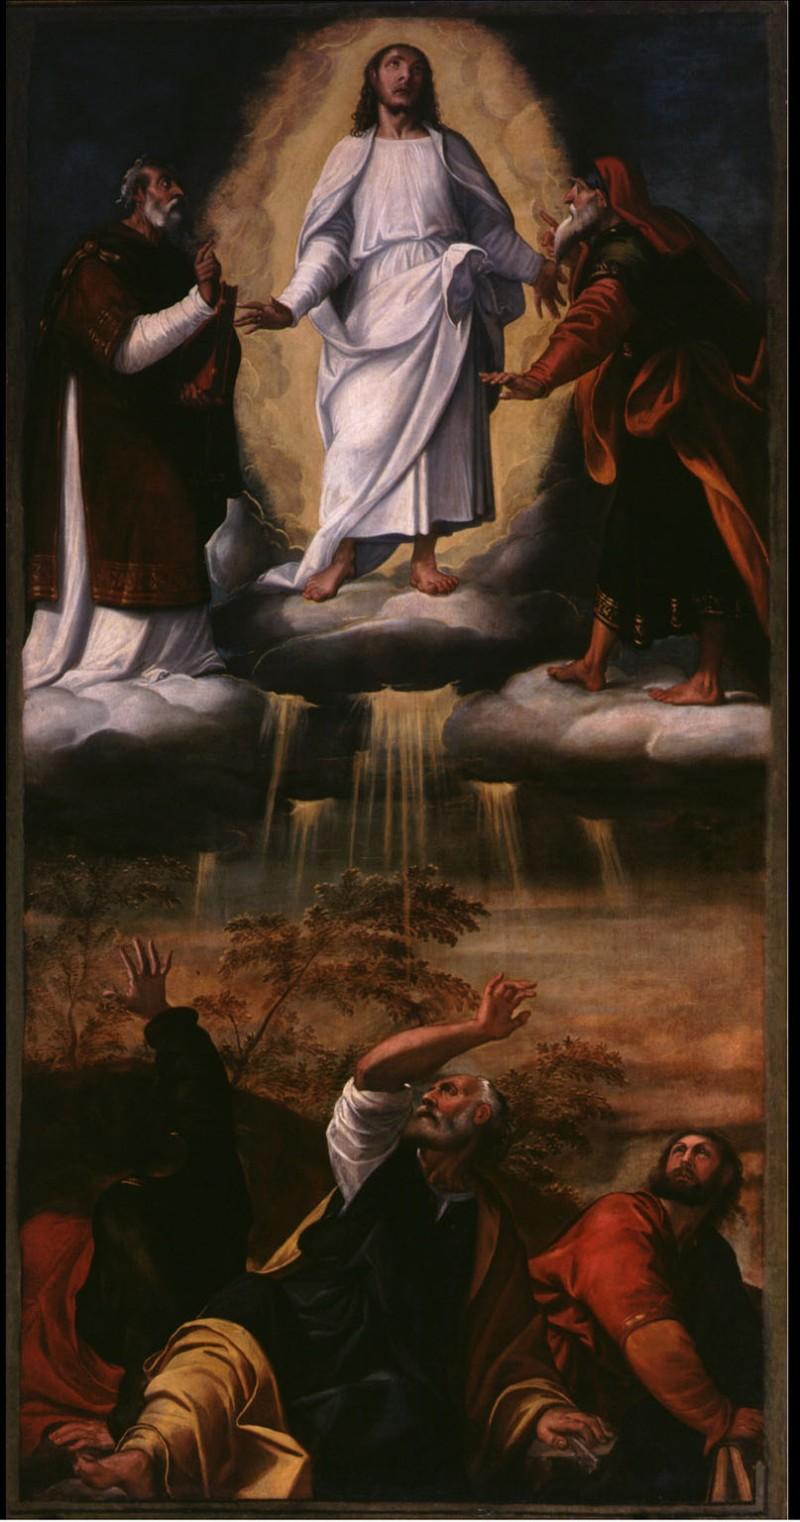 Vecellio F. sec. XVI, Trasfigurazione di Gesù Cristo sul Monte Tabor